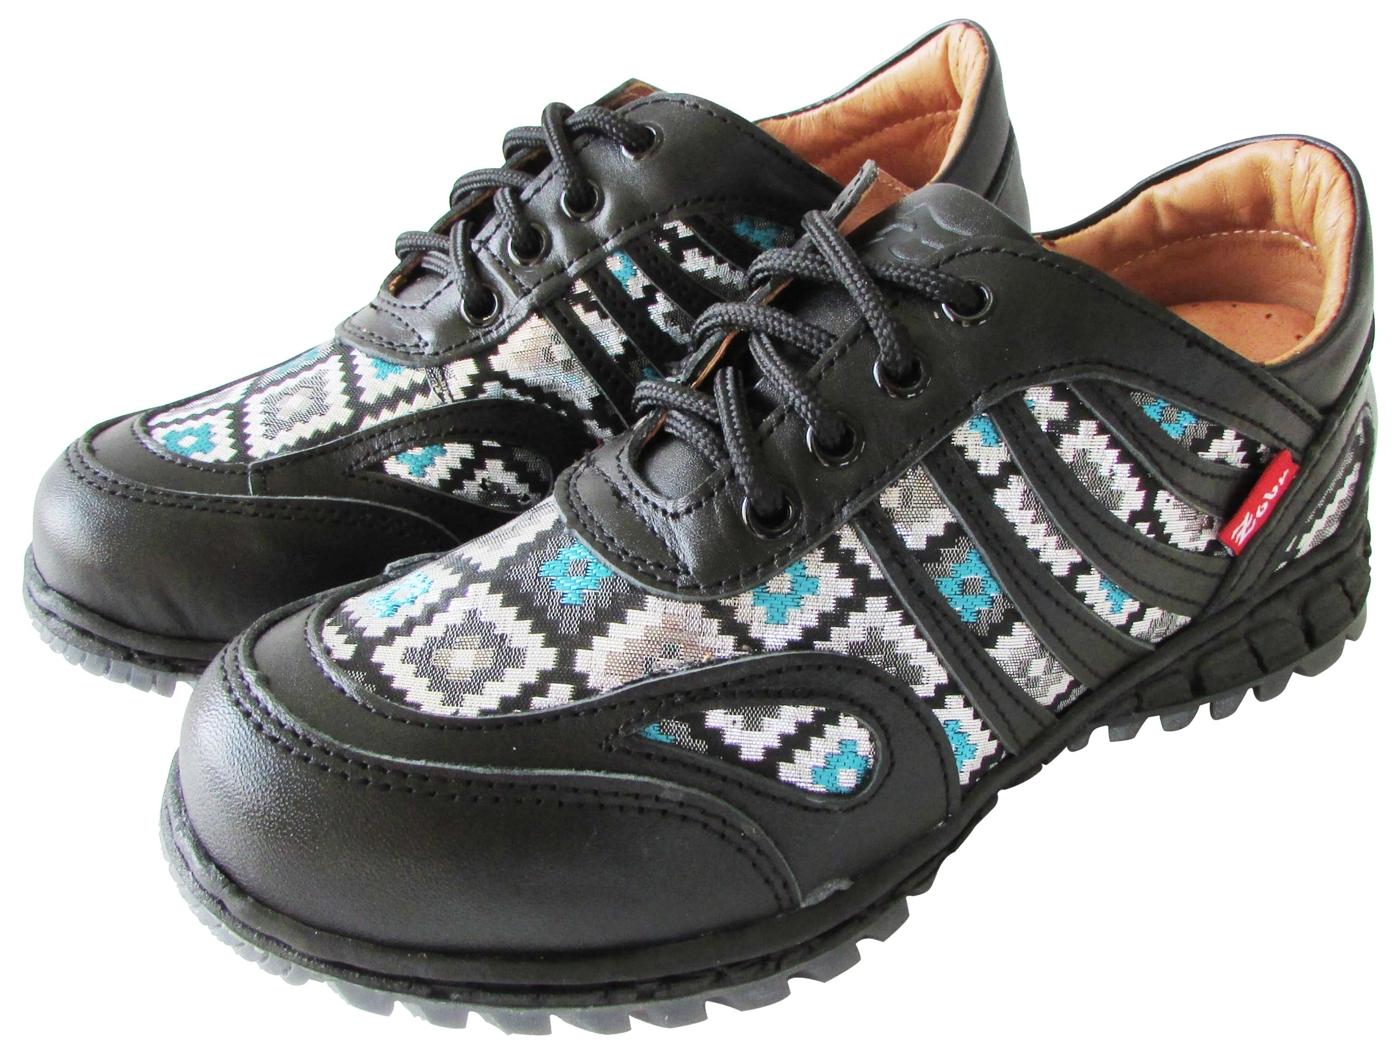 雙惠鞋櫃路豹Zobr民族風拼貼女牛皮休閒鞋台灣製造T205A黑格